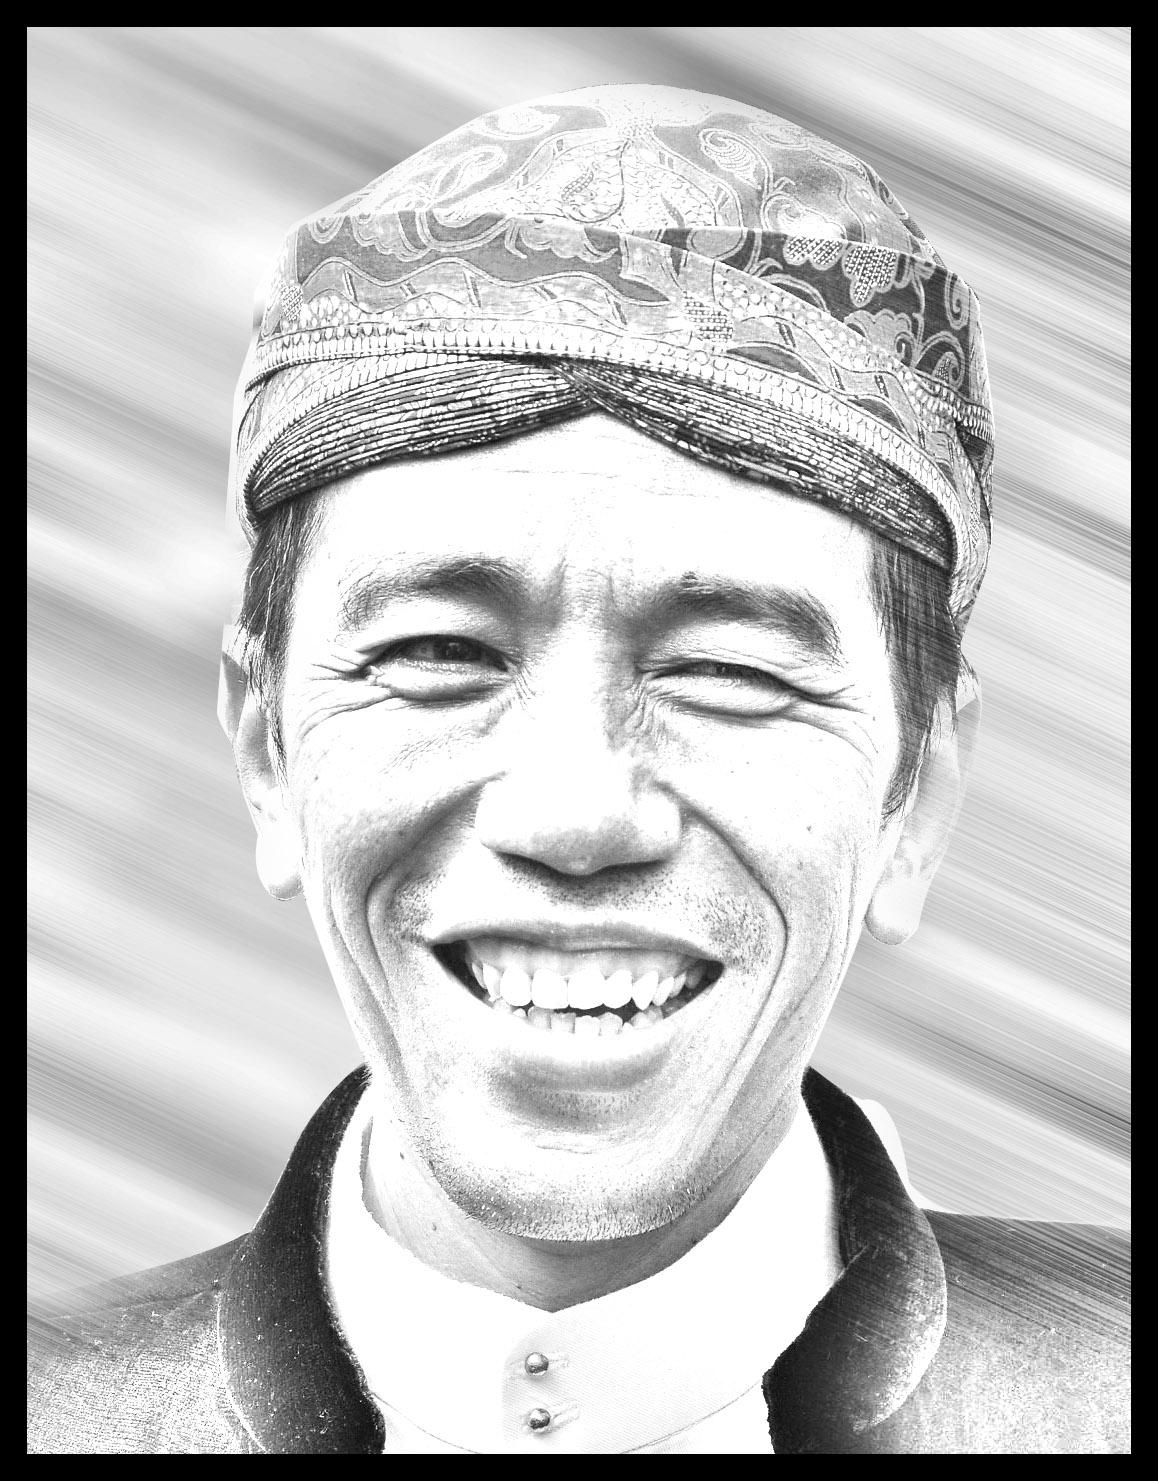 Sketsa Jokowi Hitam Putih